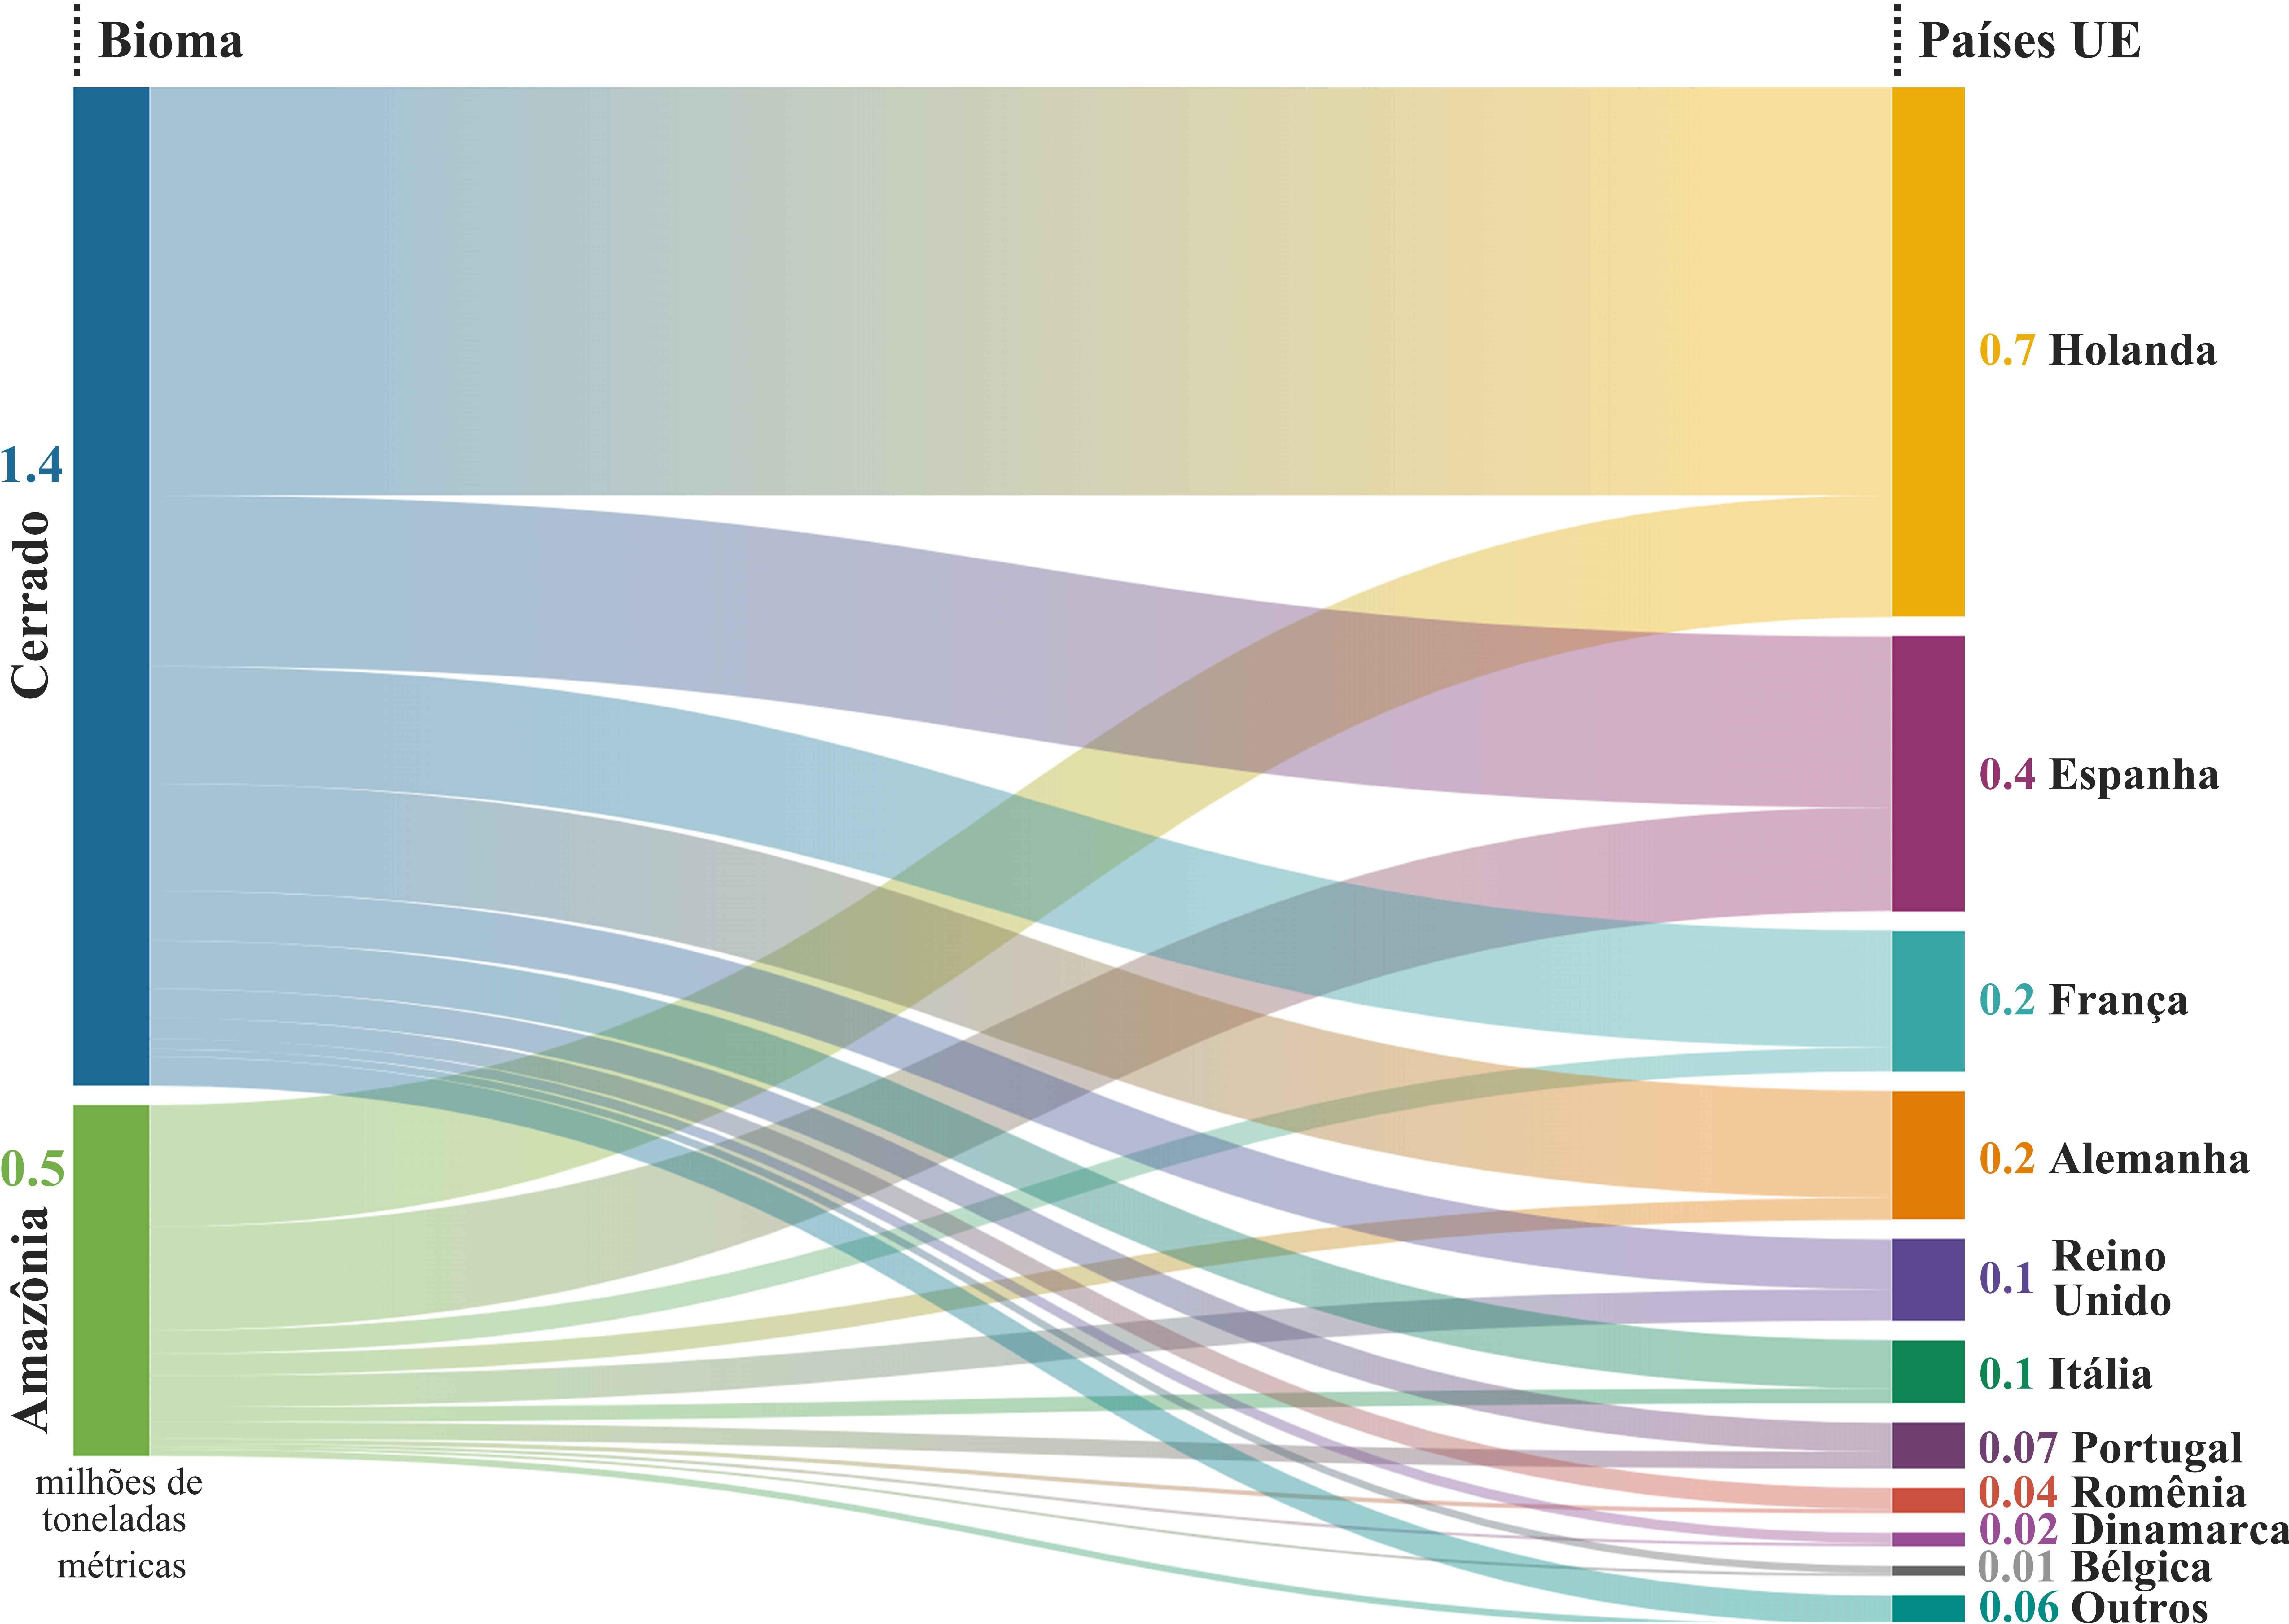 Pesquisadores mapearam trajetória das exportações